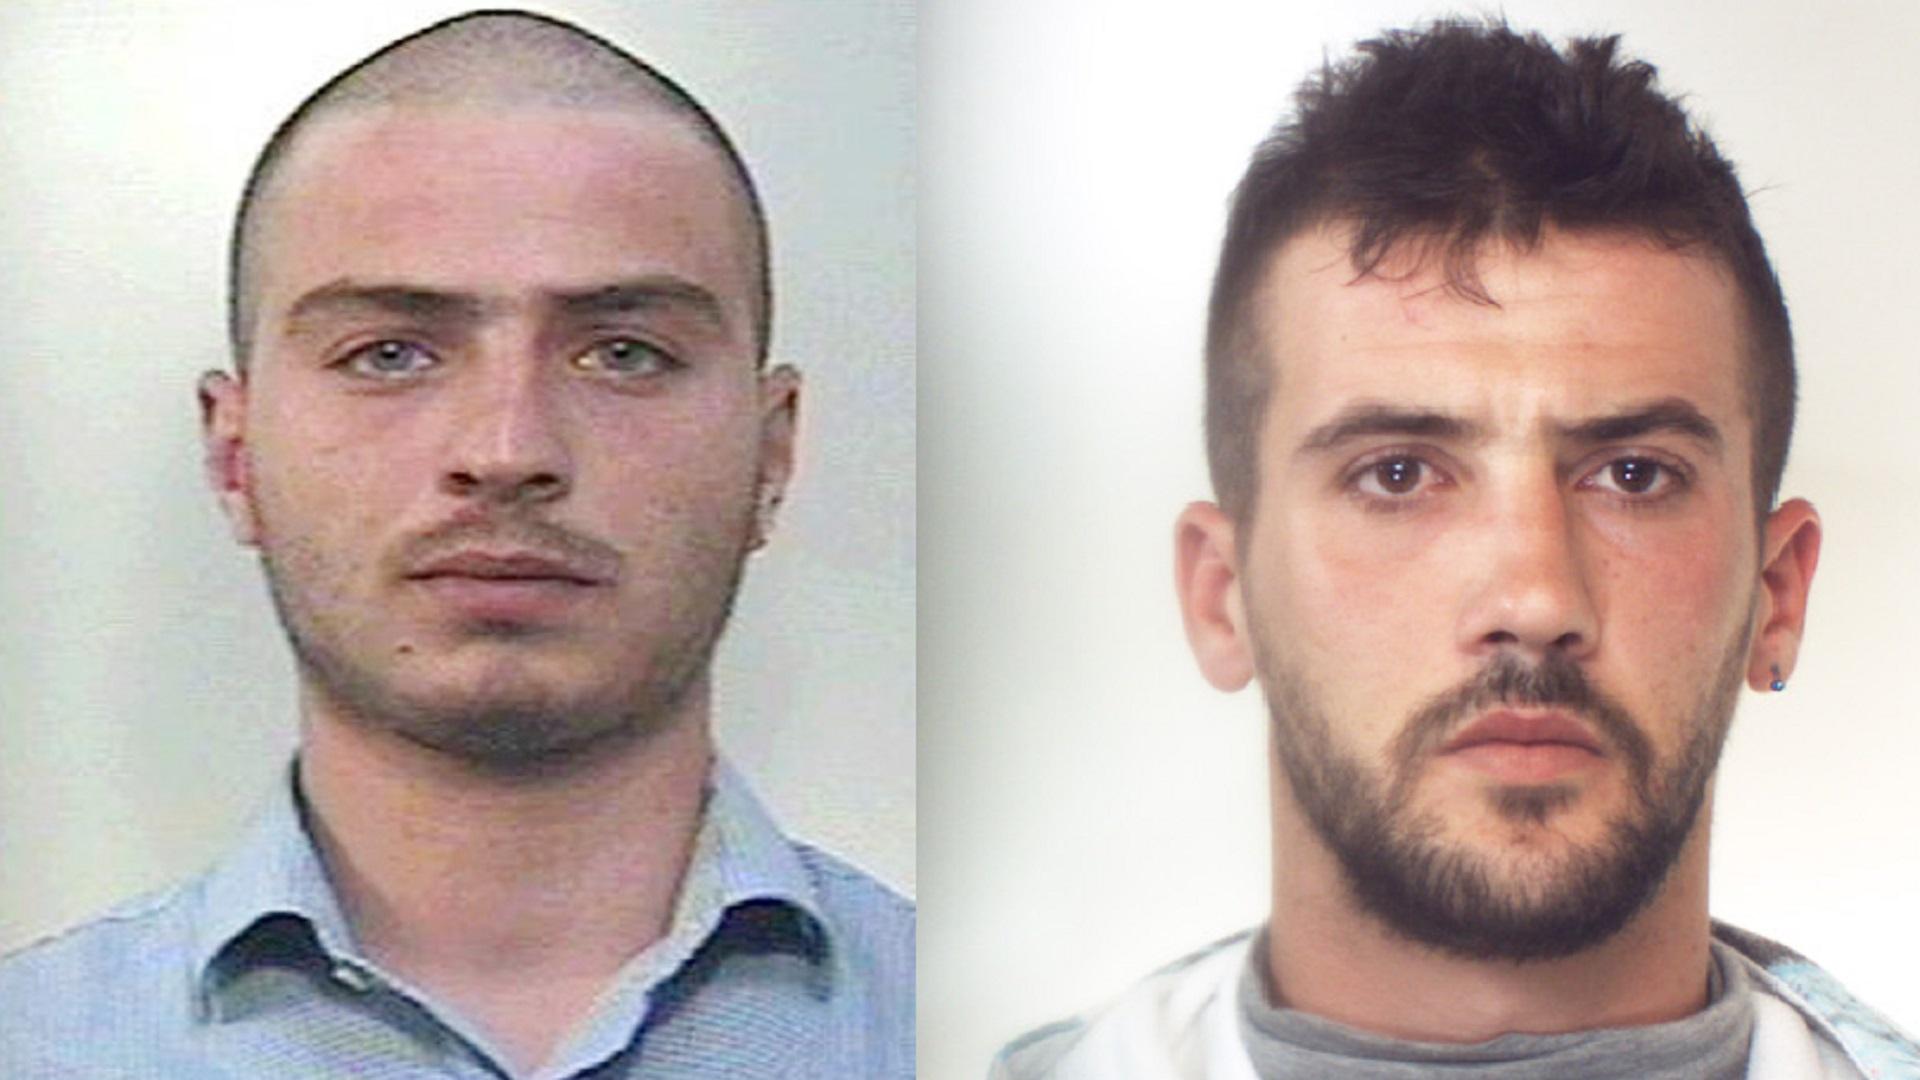 Agro nocerino sarnese due arresti per droga agropolinews for Arresti a poggiomarino per droga